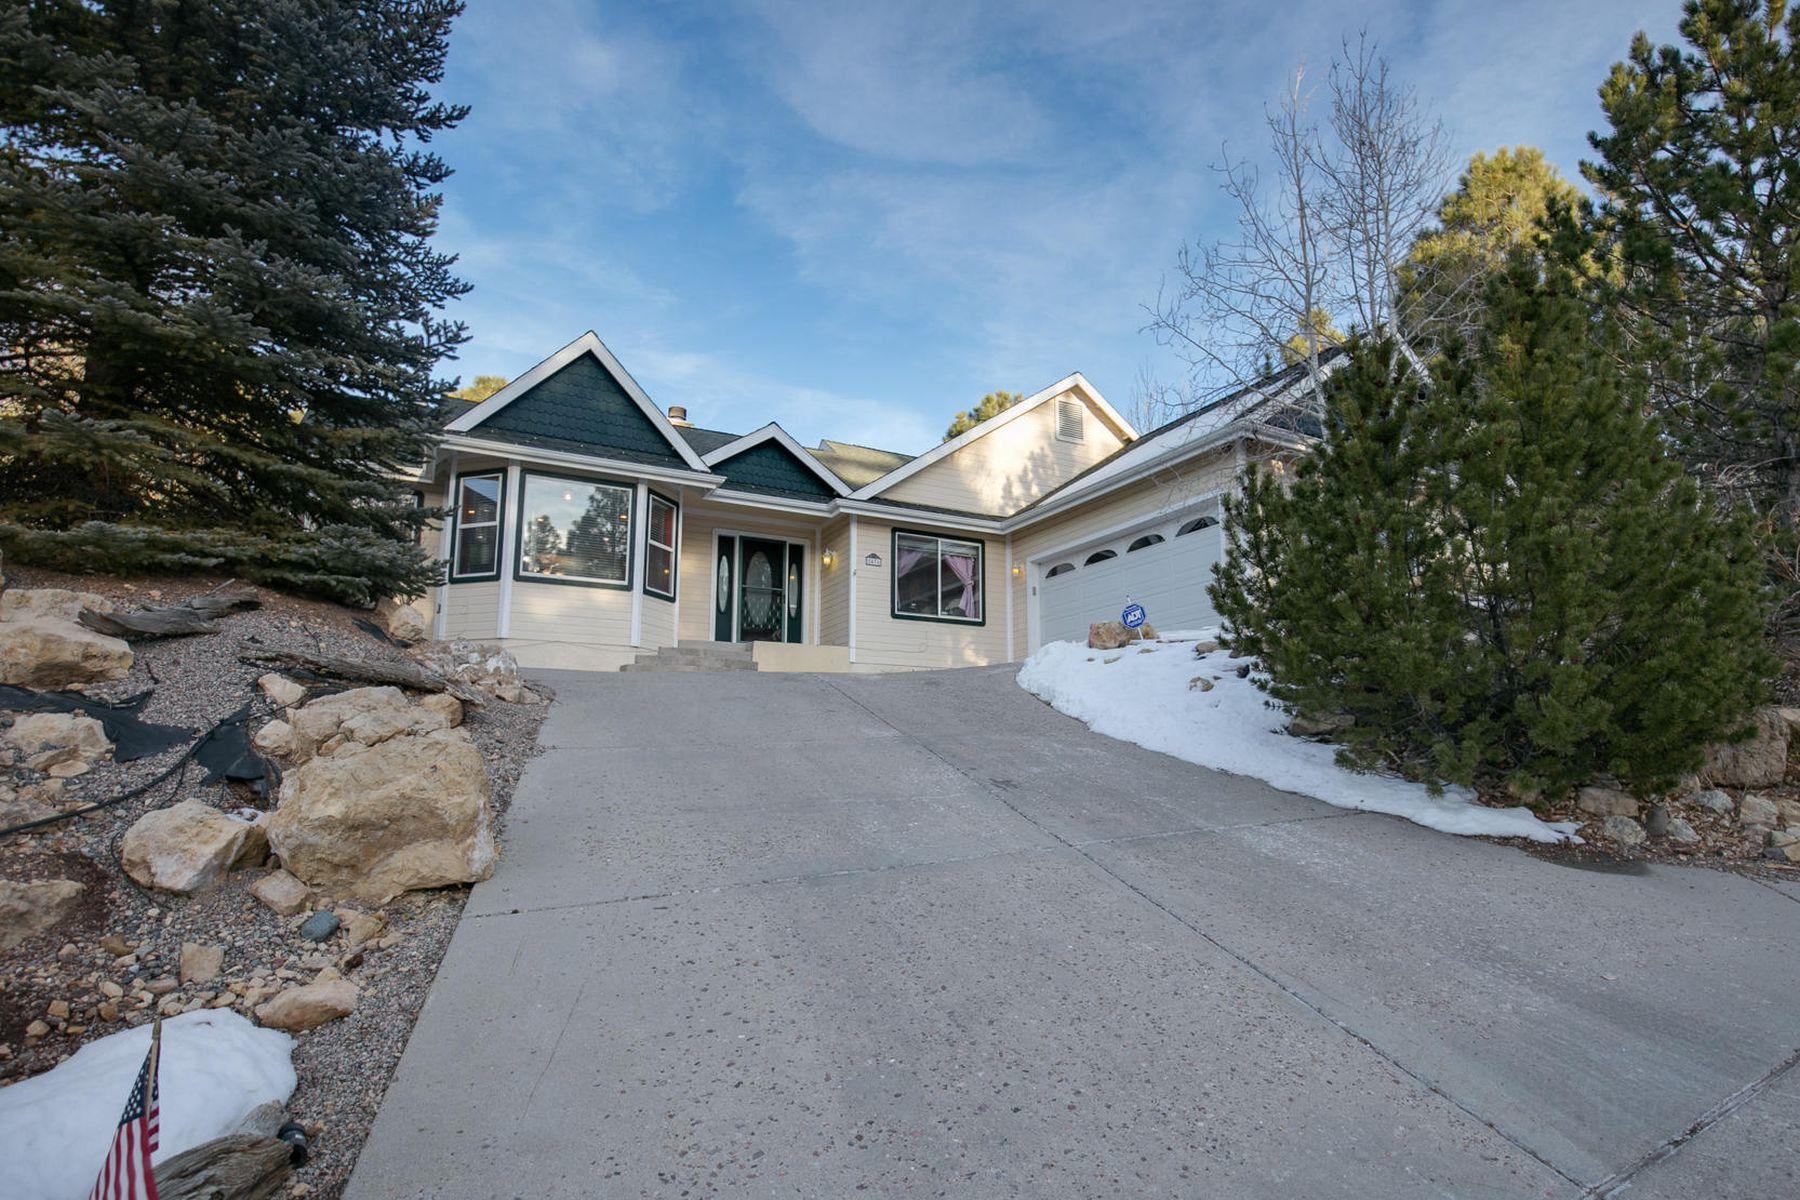 一戸建て のために 売買 アット Beautiful Home in Walnut Ridge Estates 2476 N Keystone DR, Flagstaff, アリゾナ, 86004 アメリカ合衆国